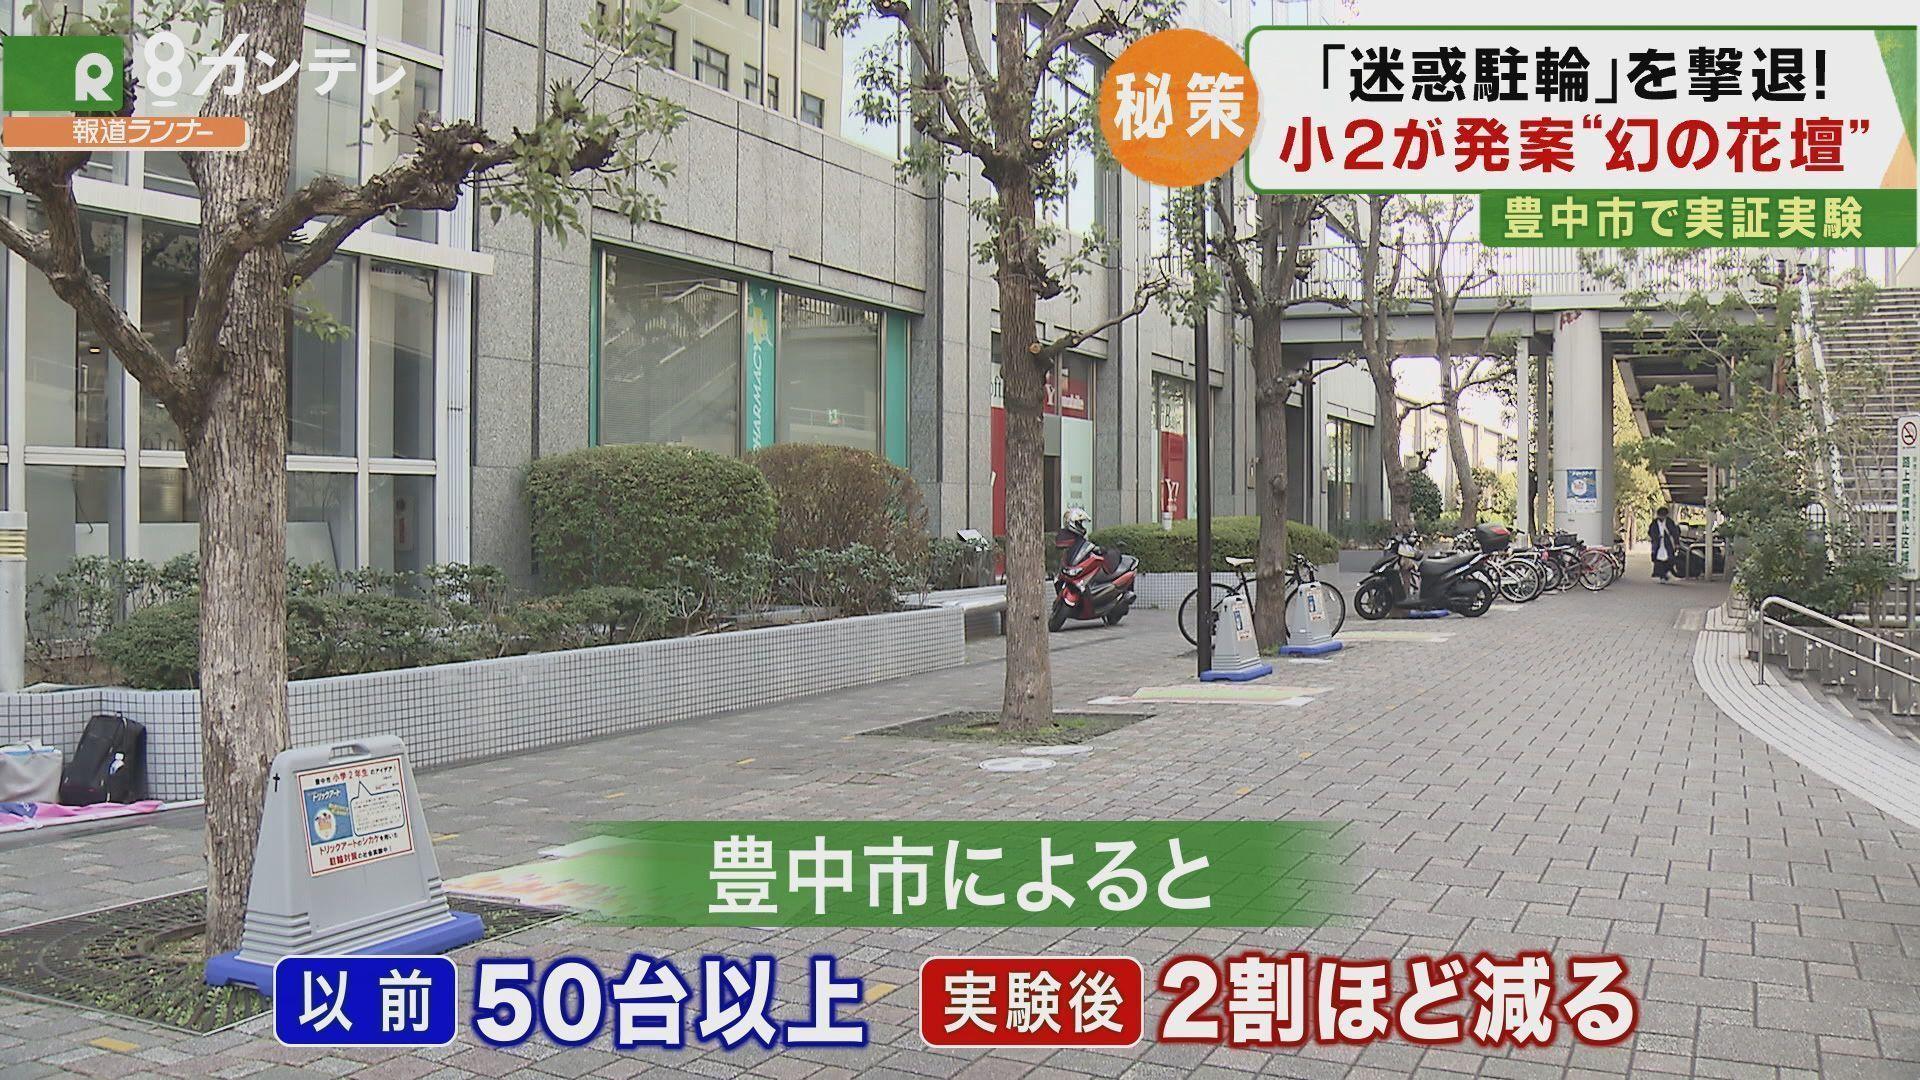 奇招取勝!日本小學生腦洞大開「祭出這一招」 神奇整治自行車亂象…網跪了:是天才